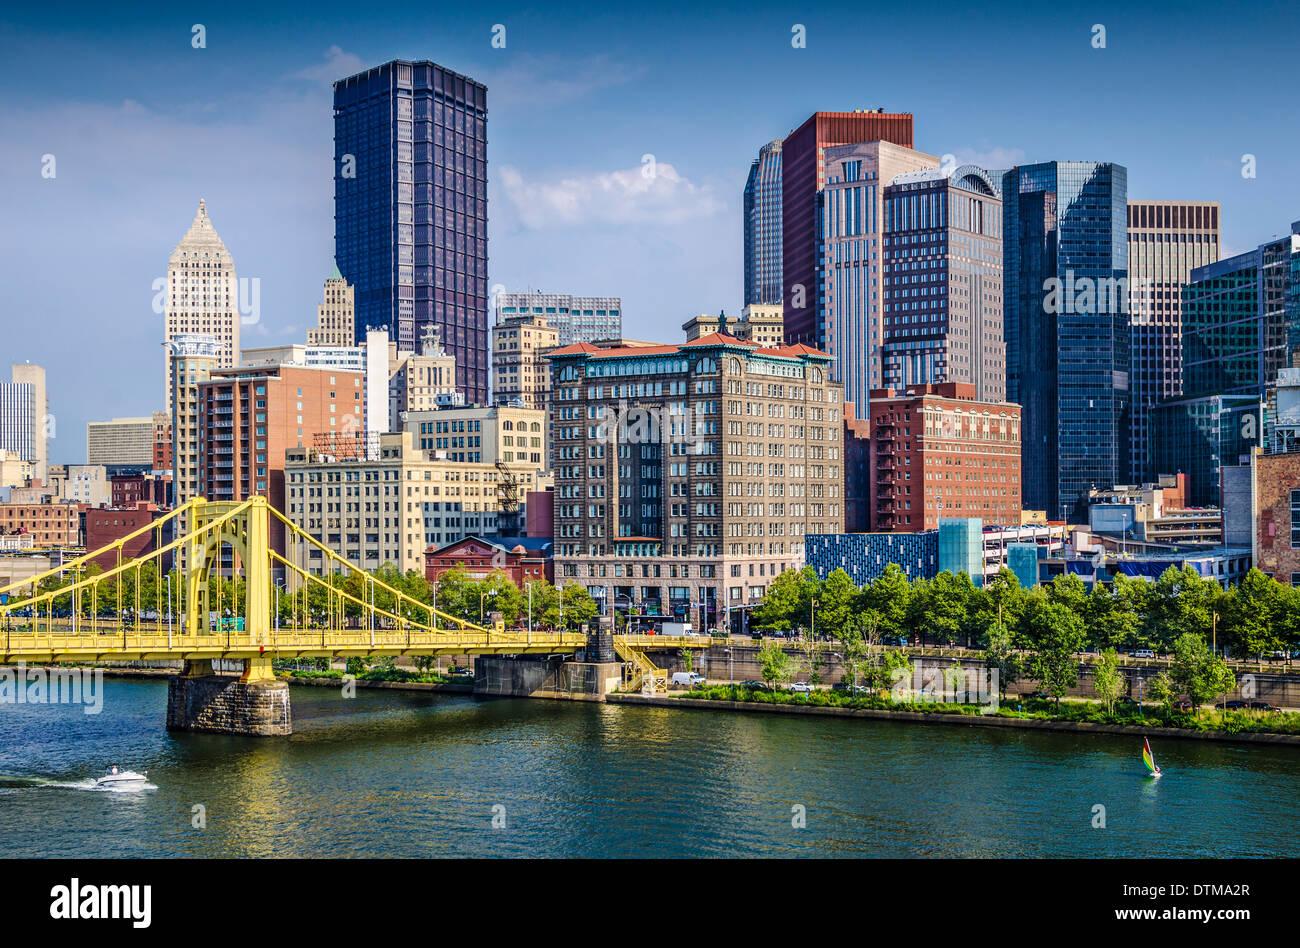 Pittsburgh, Pennsylvanie, USA Centre-ville de jour au cours de la scène de la rivière Allegheny. Photo Stock